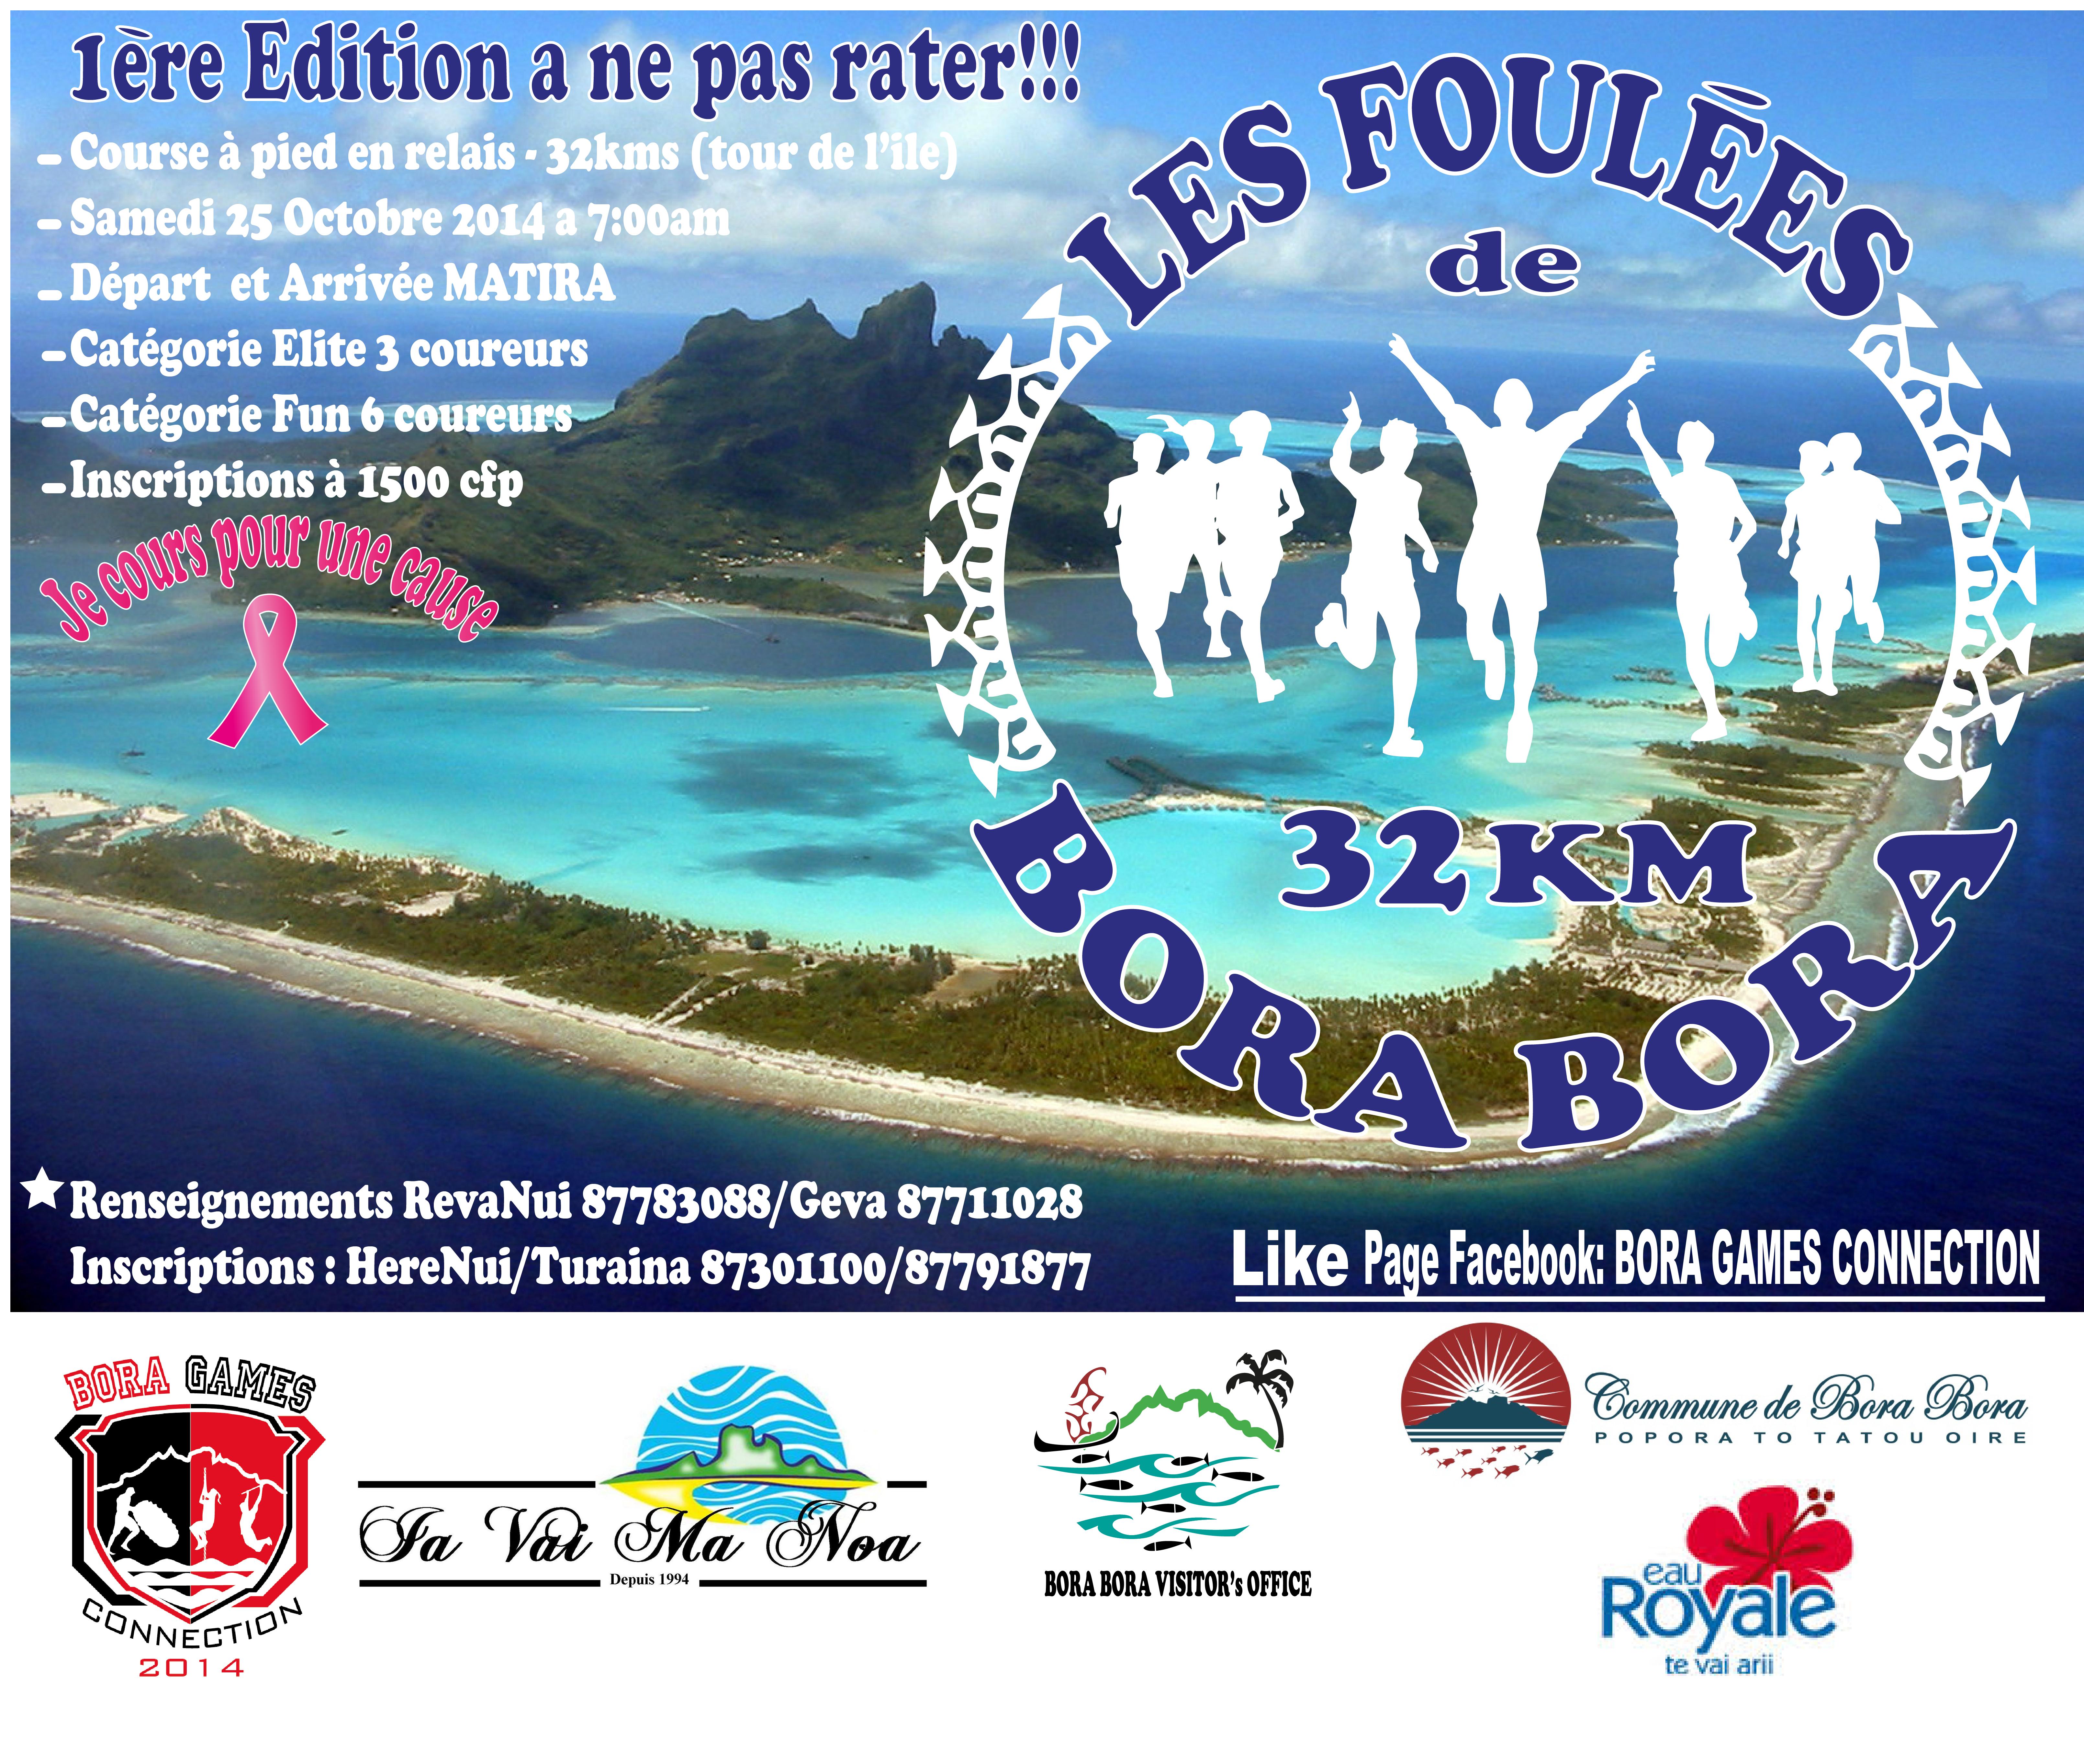 Les Foulées de Bora-Bora 2014 : 1ère édition à ne pas rater!